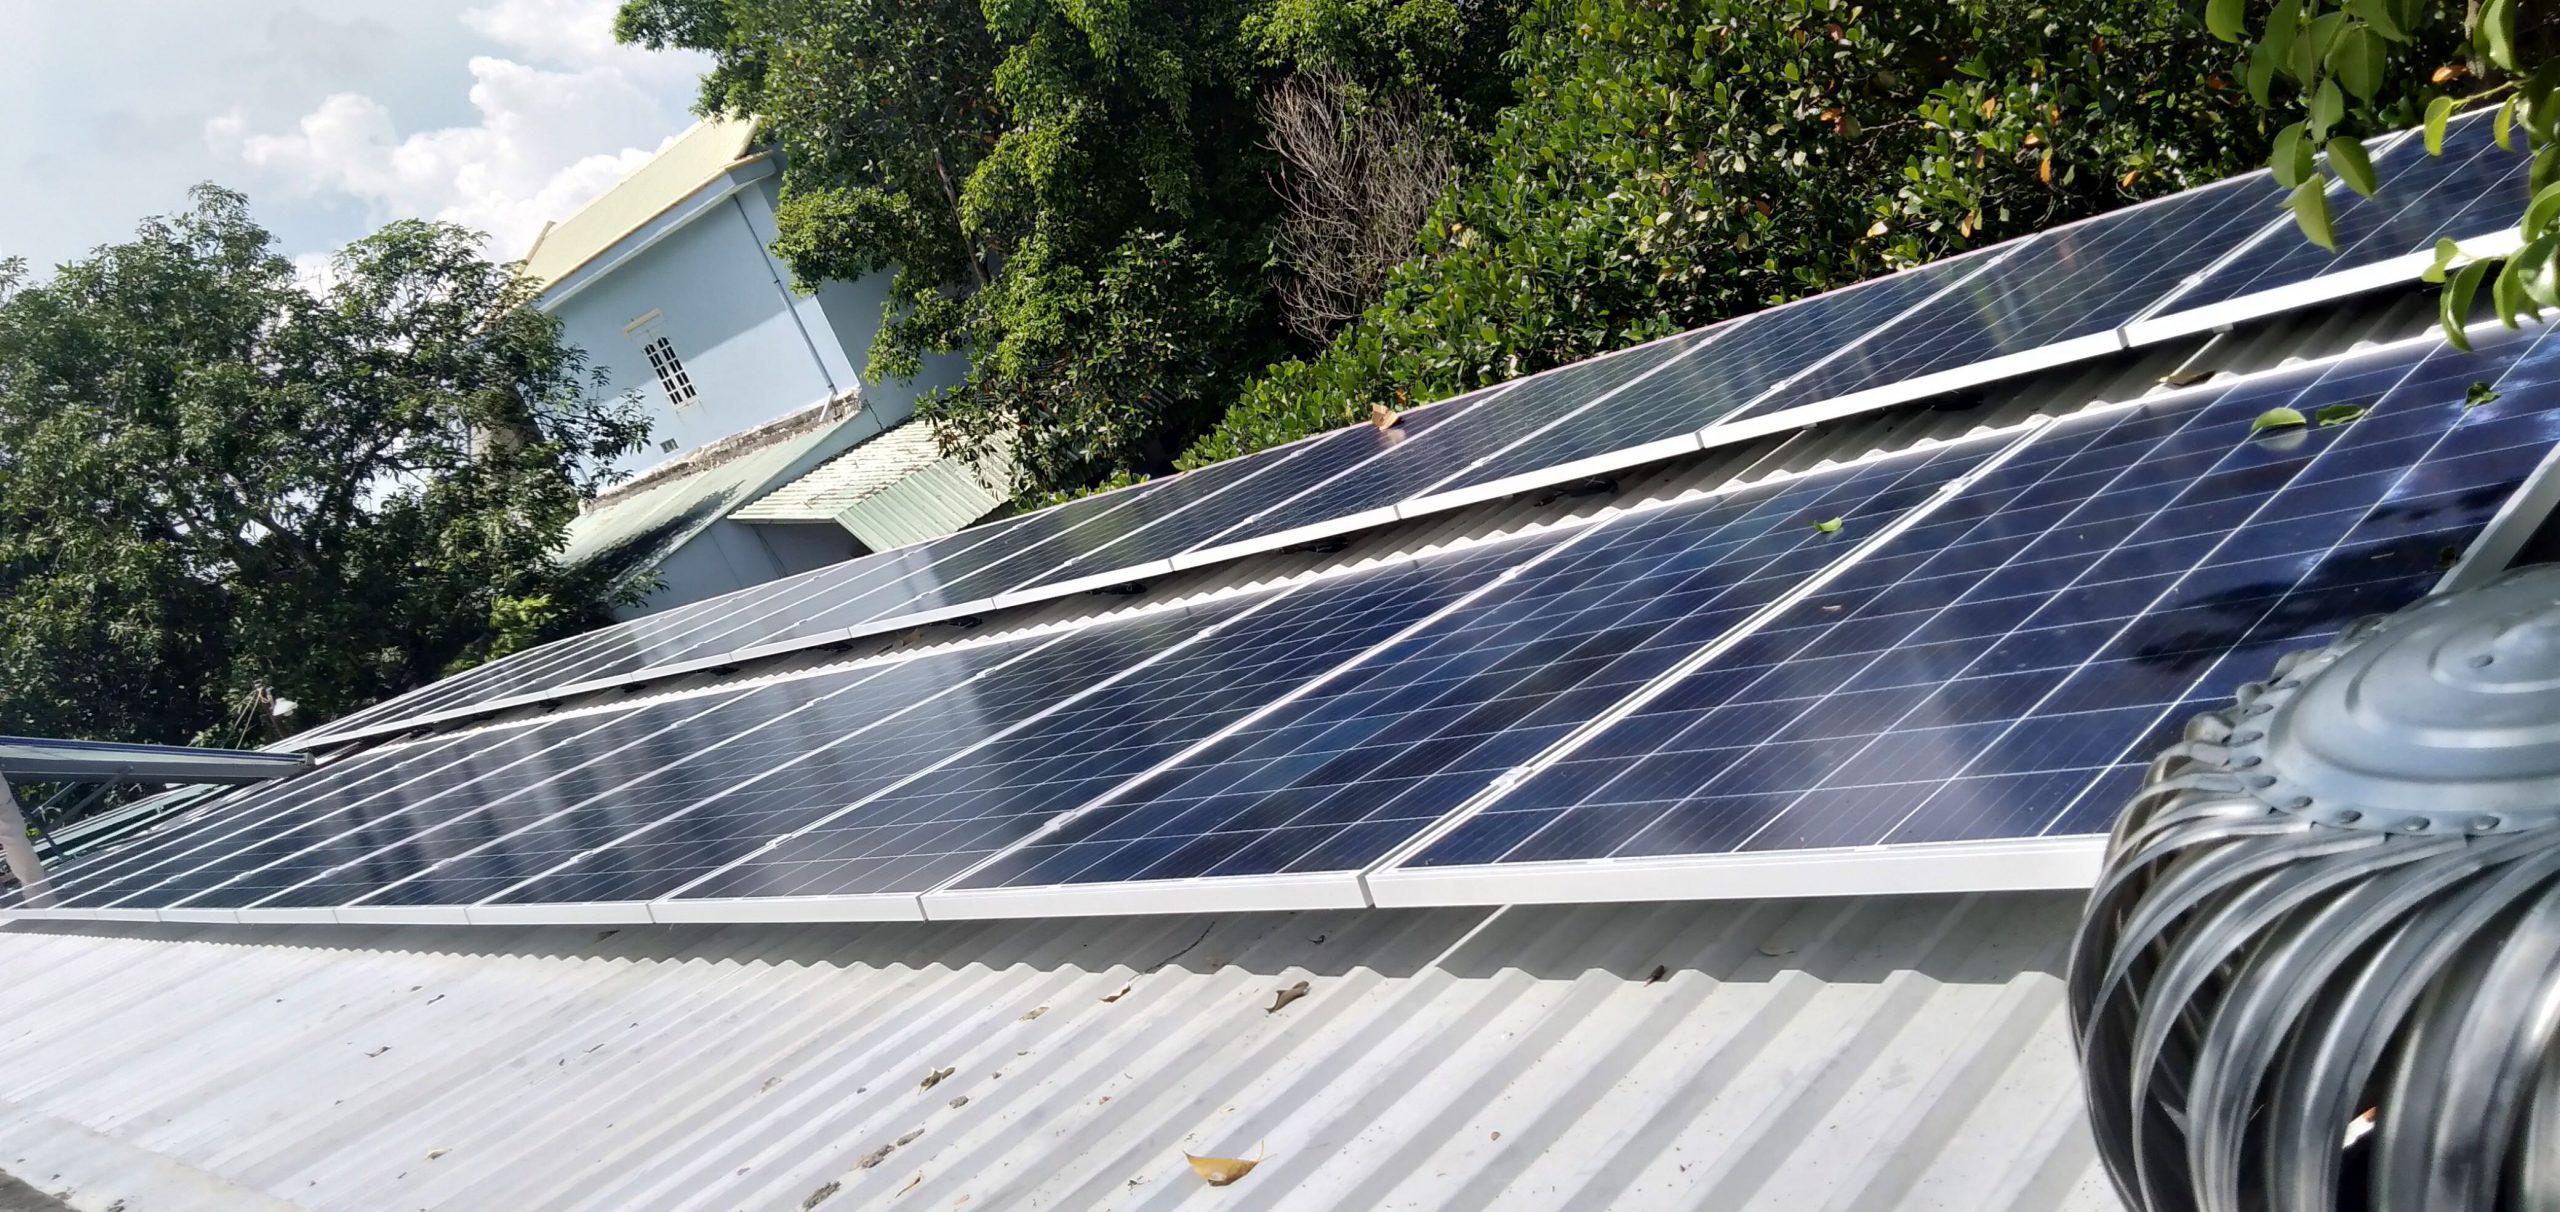 điện mặt trời là gì